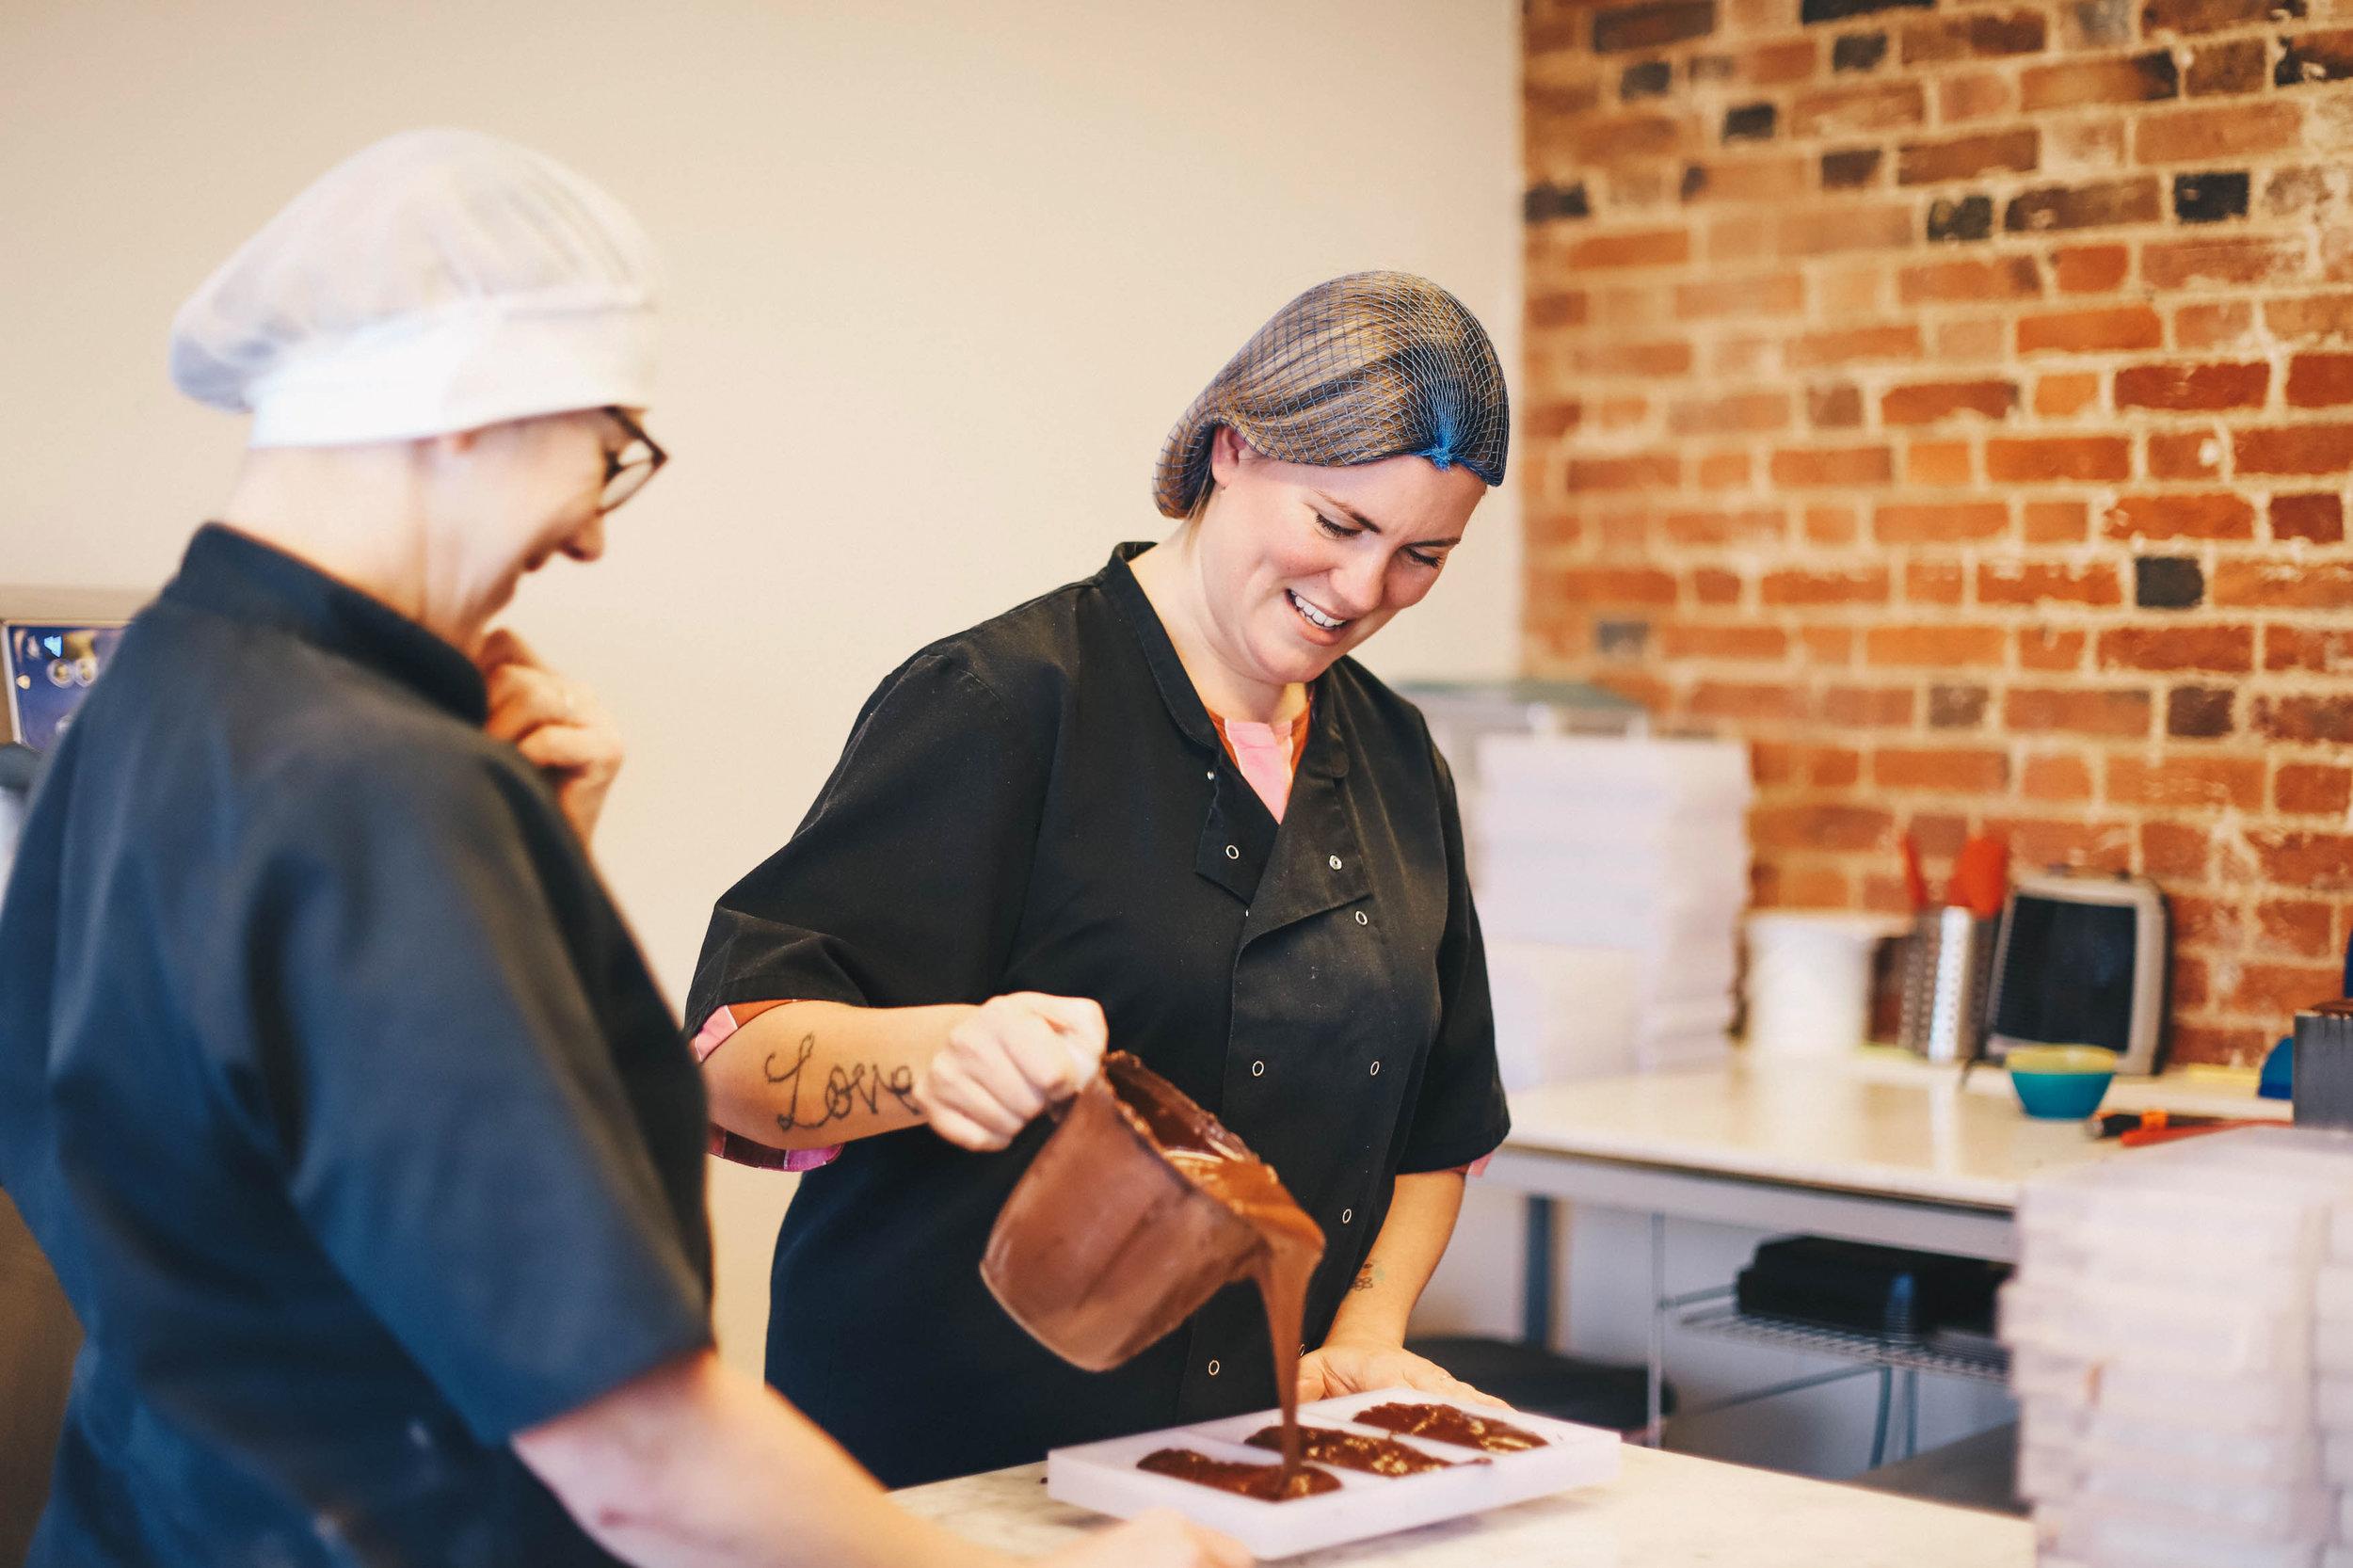 Creighton's Handmade Chocolate in the UK